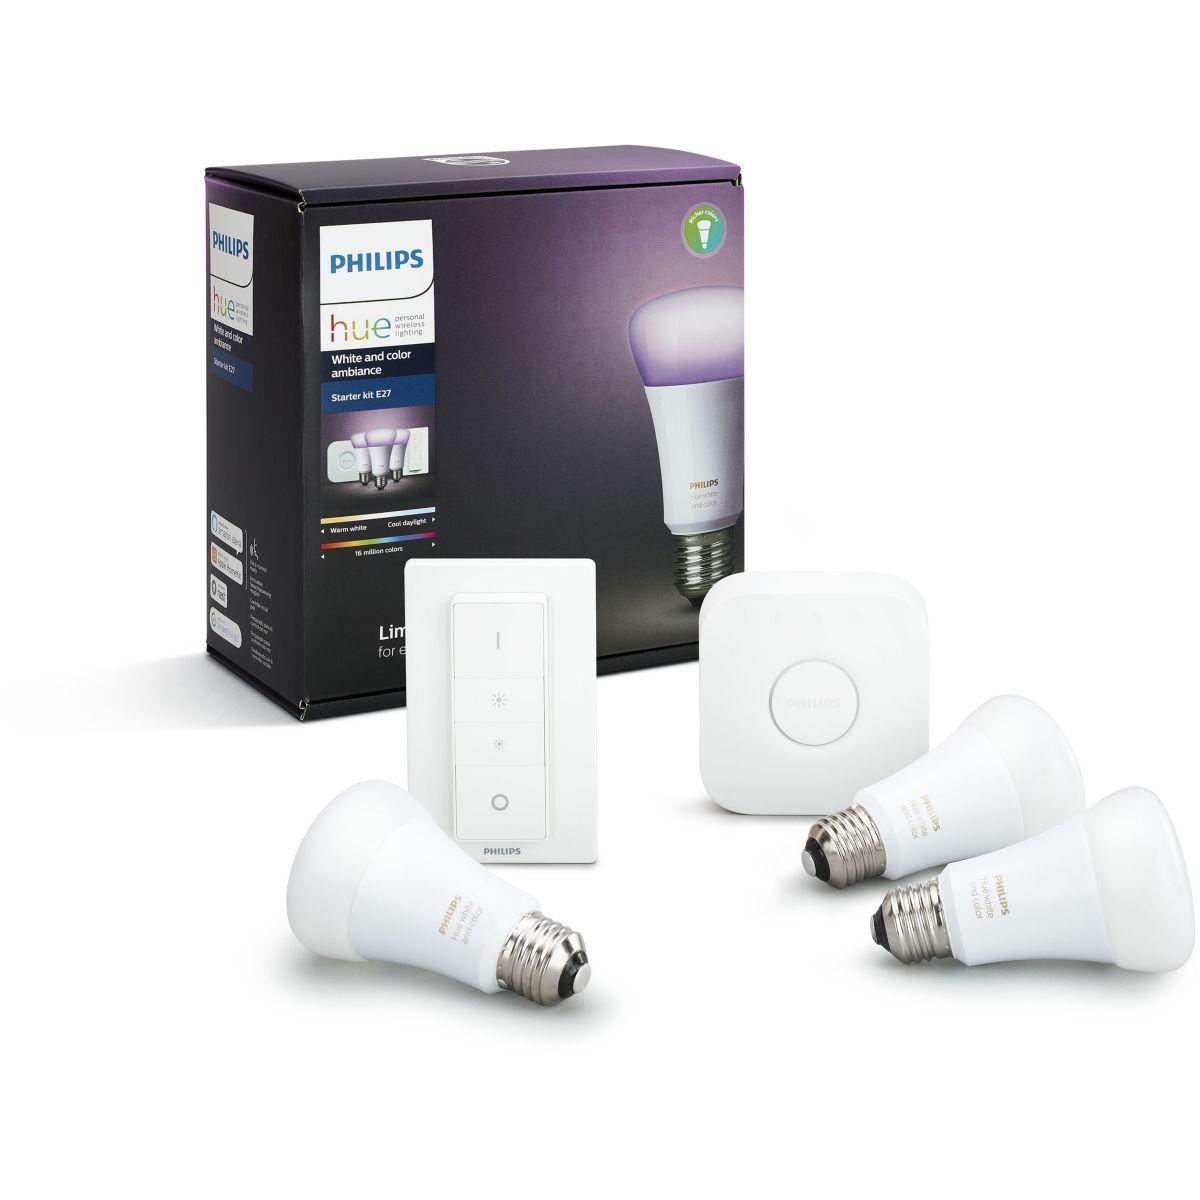 Pack philips d�marrage e27 hue white & colors - livraison offerte : code premium (photo)